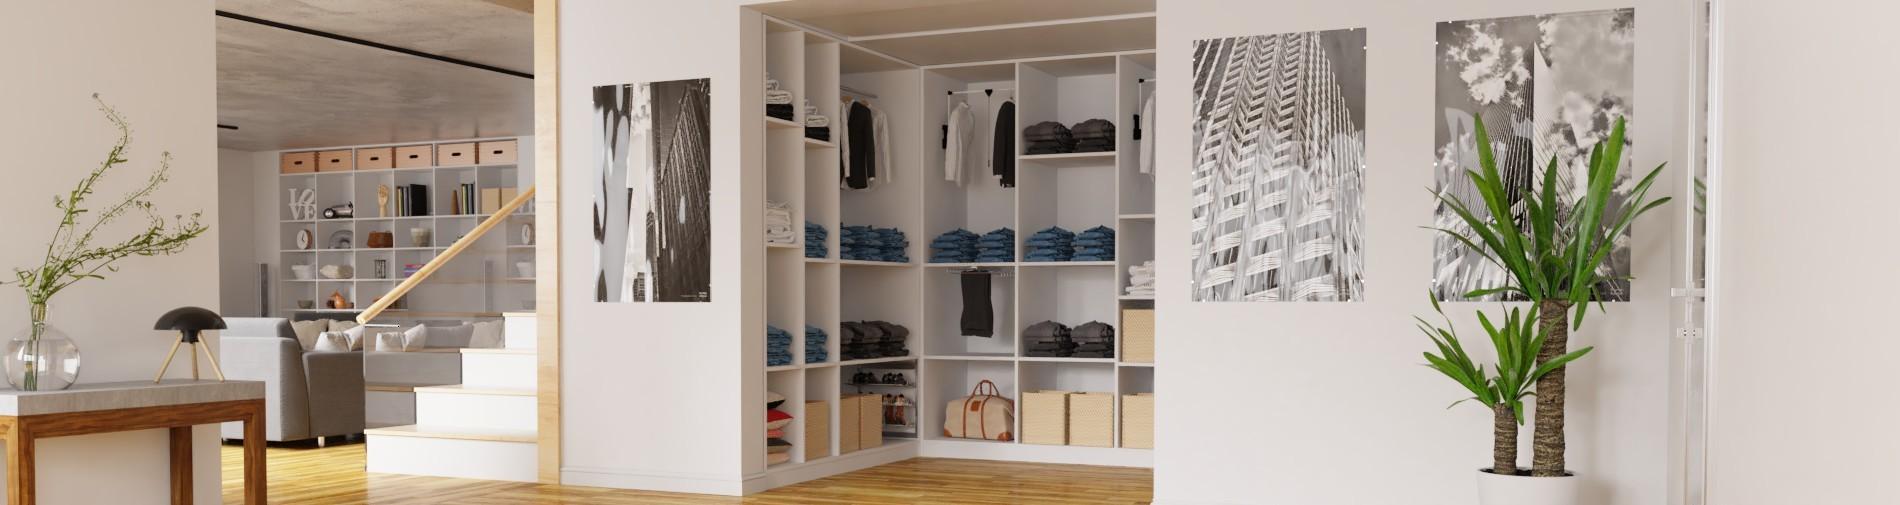 Begehbarer Kleiderschrank maßgefertigt